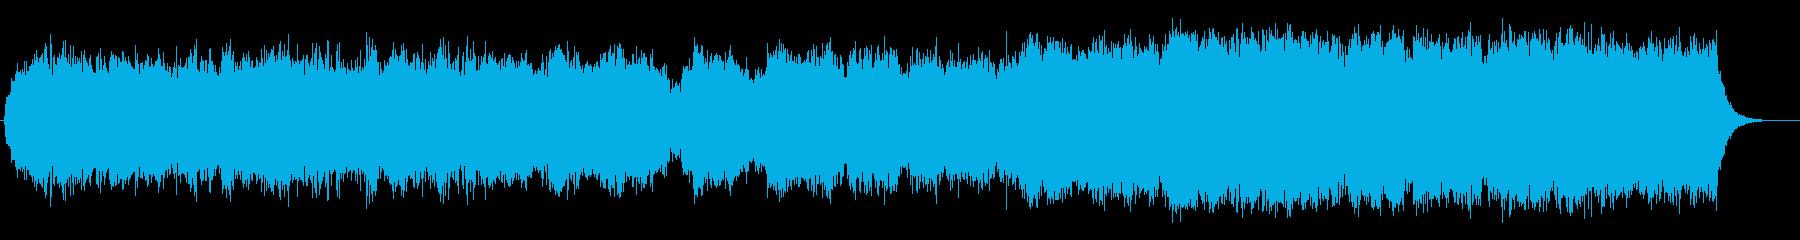 壮大なストリングスの再生済みの波形